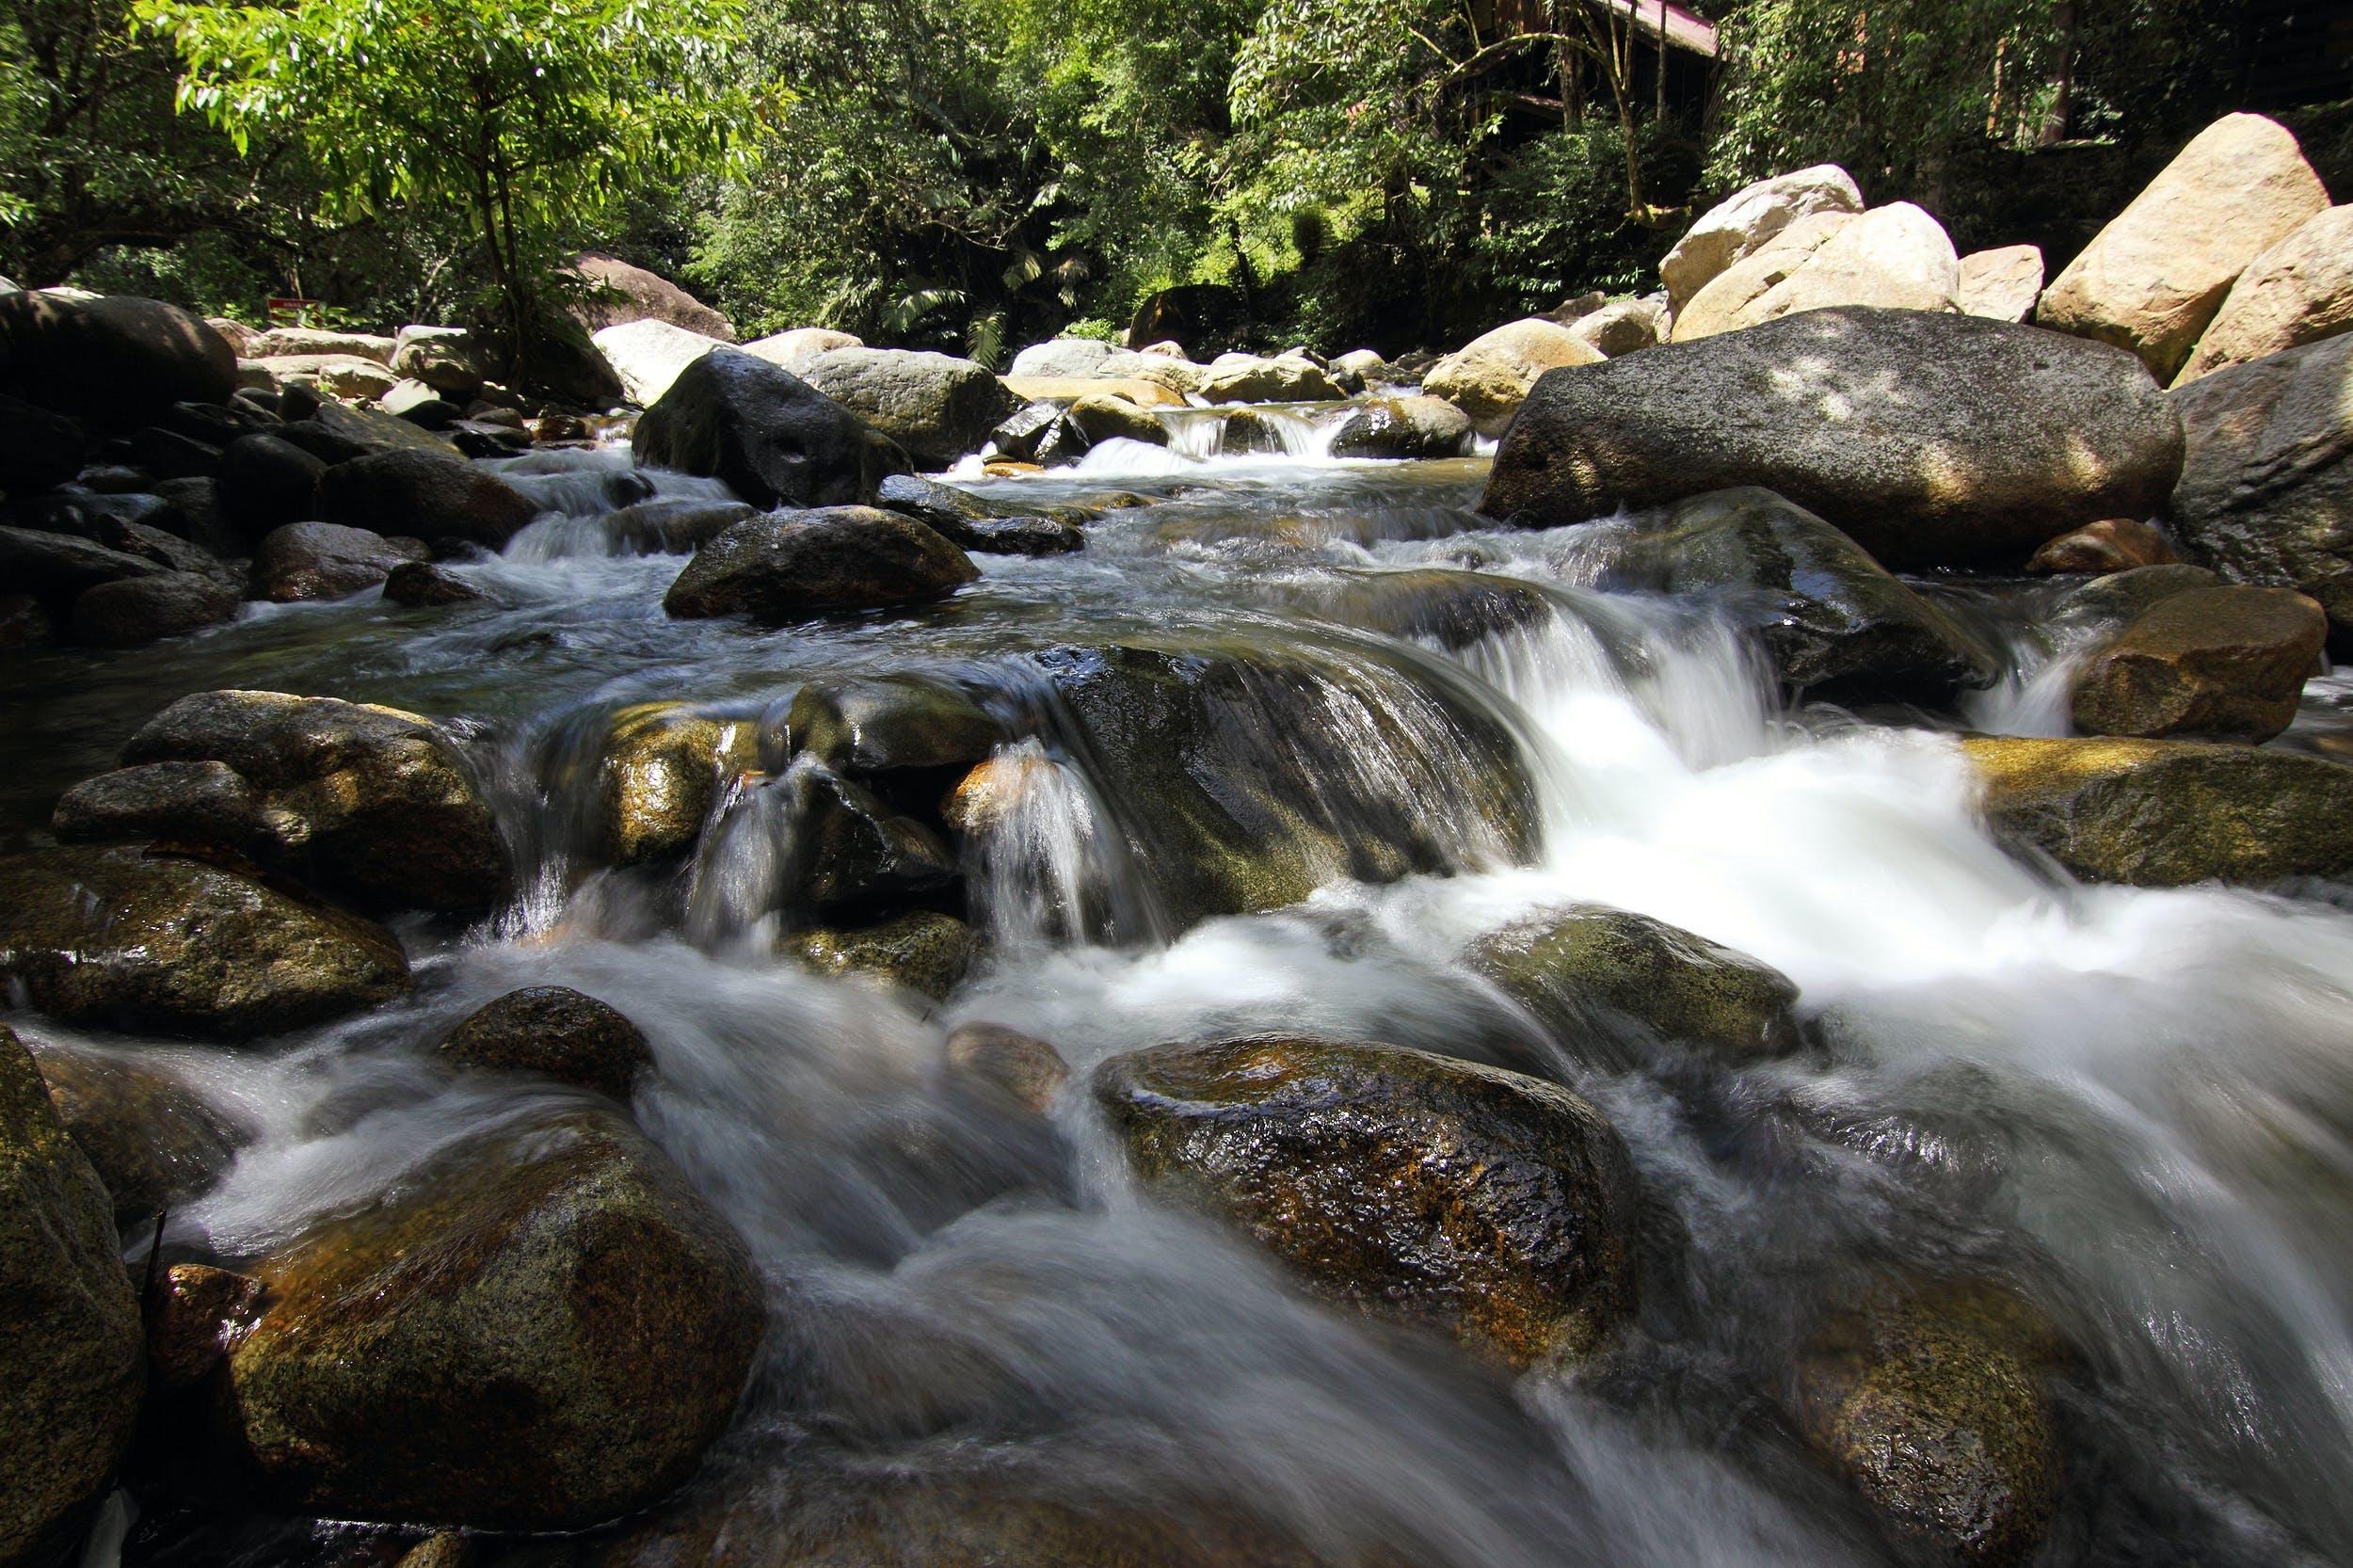 กระแสน้ำ, การเคลื่อนไหว, ตะไคร่น้ำ